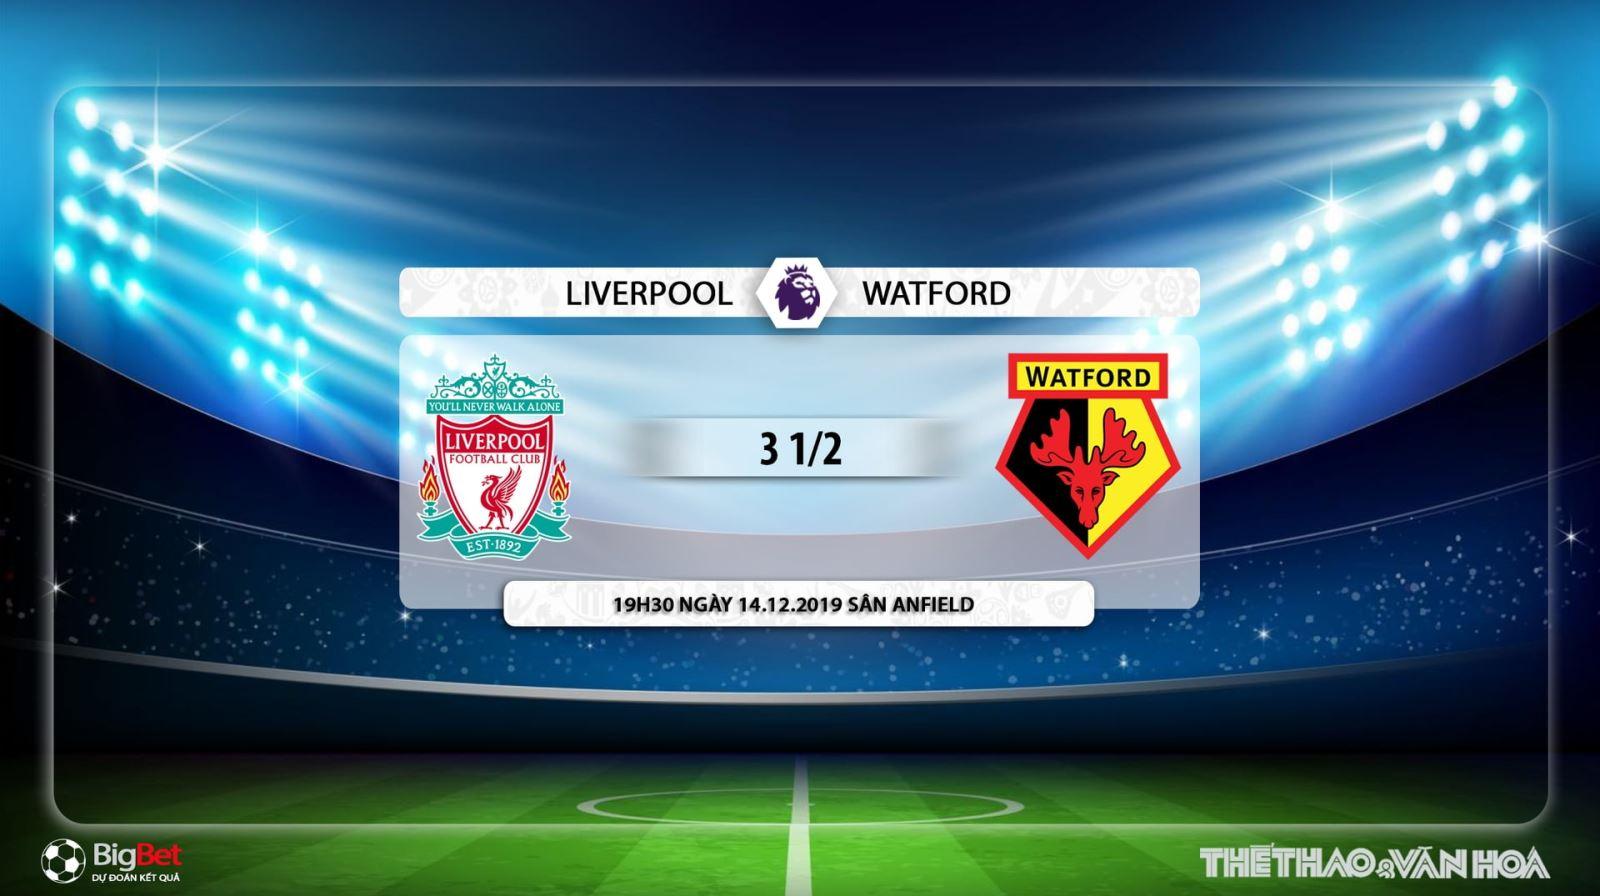 Kèo Liverpool vs Watford, Liverpool vs Watford, soi kèo, soi kèo Ngoại hạng Anh, truc tiep bong da, trực tiếp bóng đá, K+, K+PM, trực tiếp bóng đá hôm nay, xem bóng đá